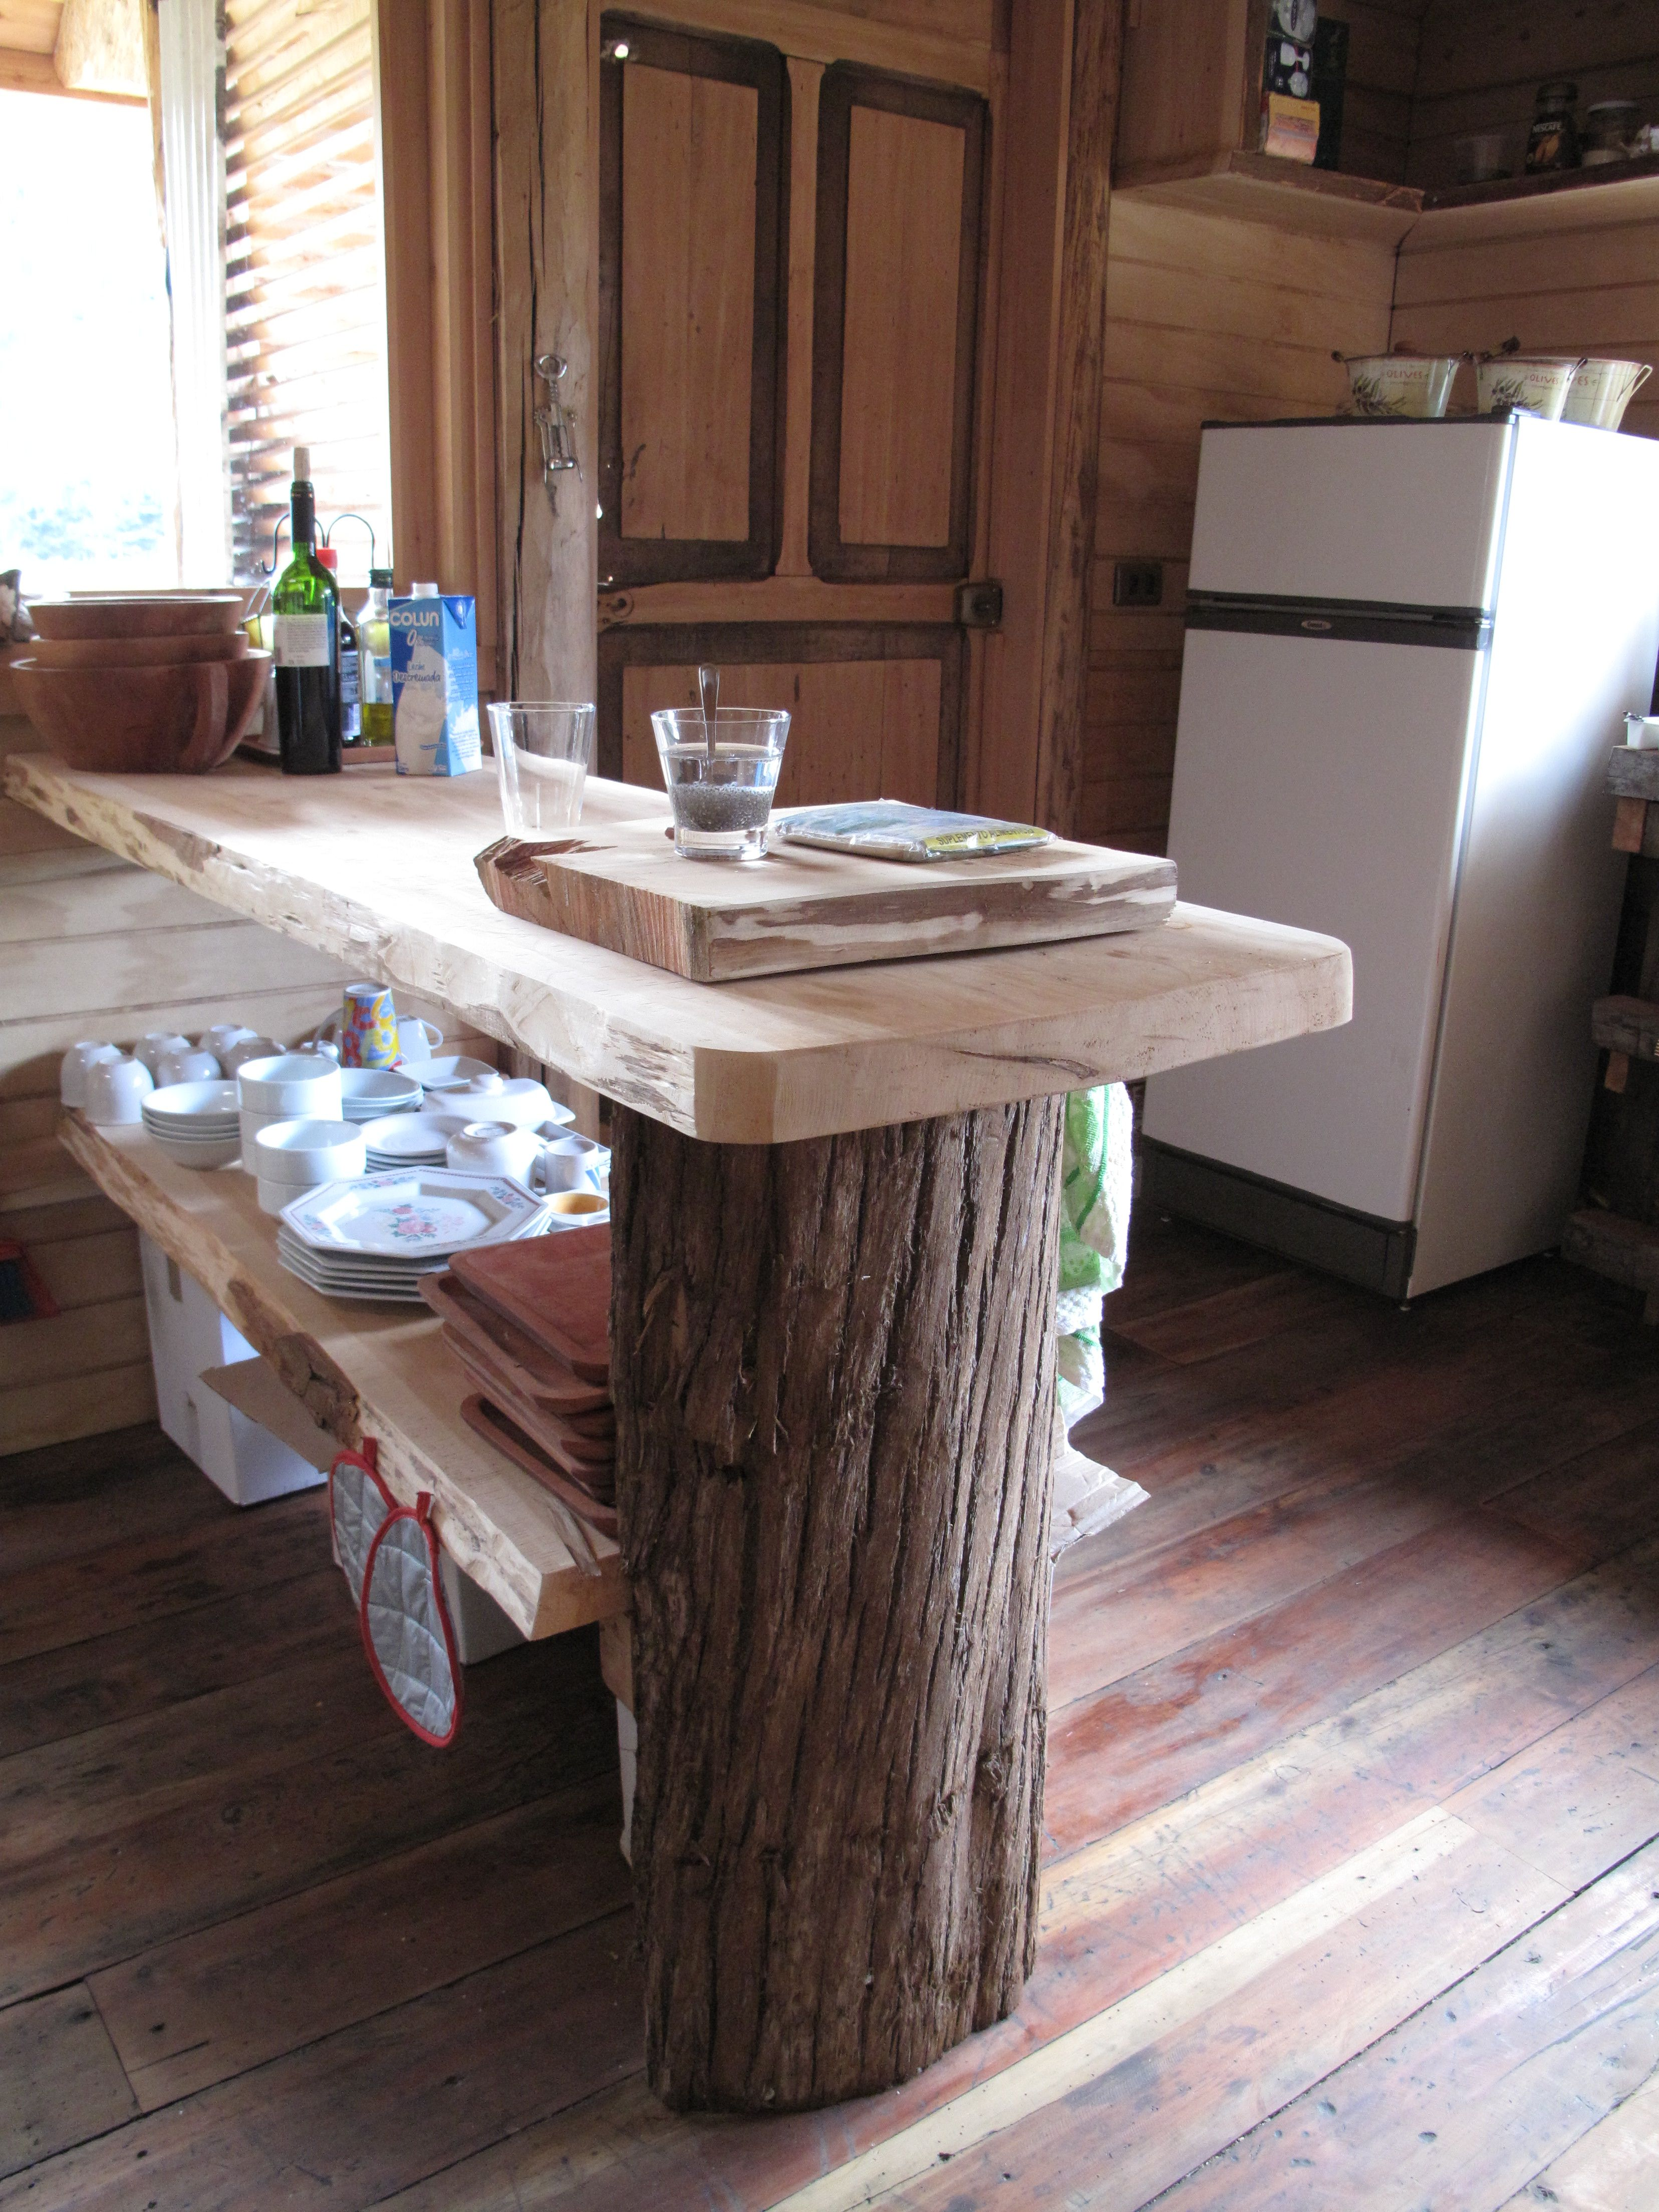 Meson de cocina mejoras para el hogar pinterest for Mesones para cocina